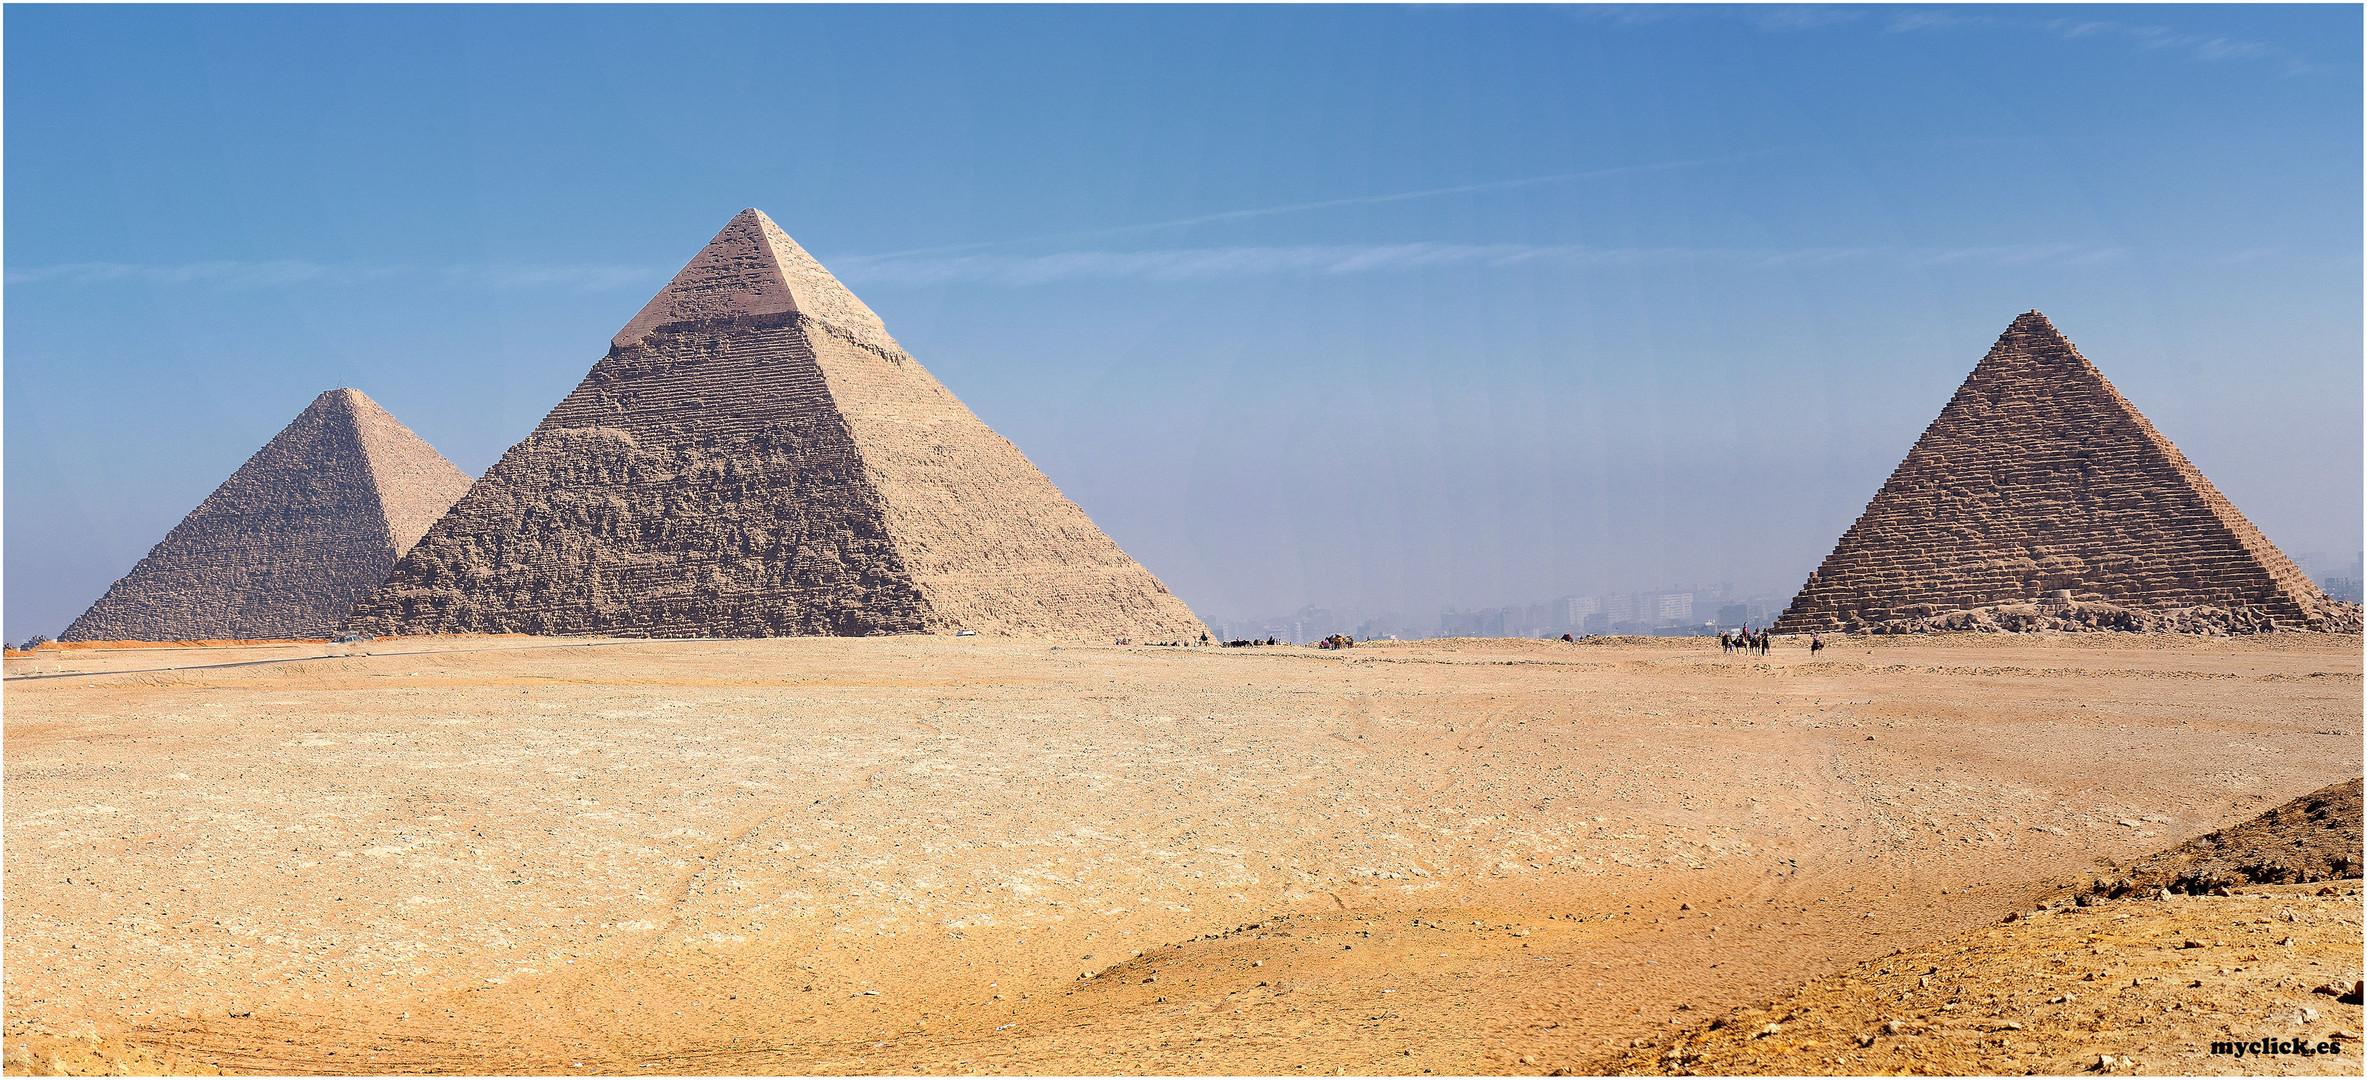 LAS PIRAMIDES-GUIZA-EGIPTO